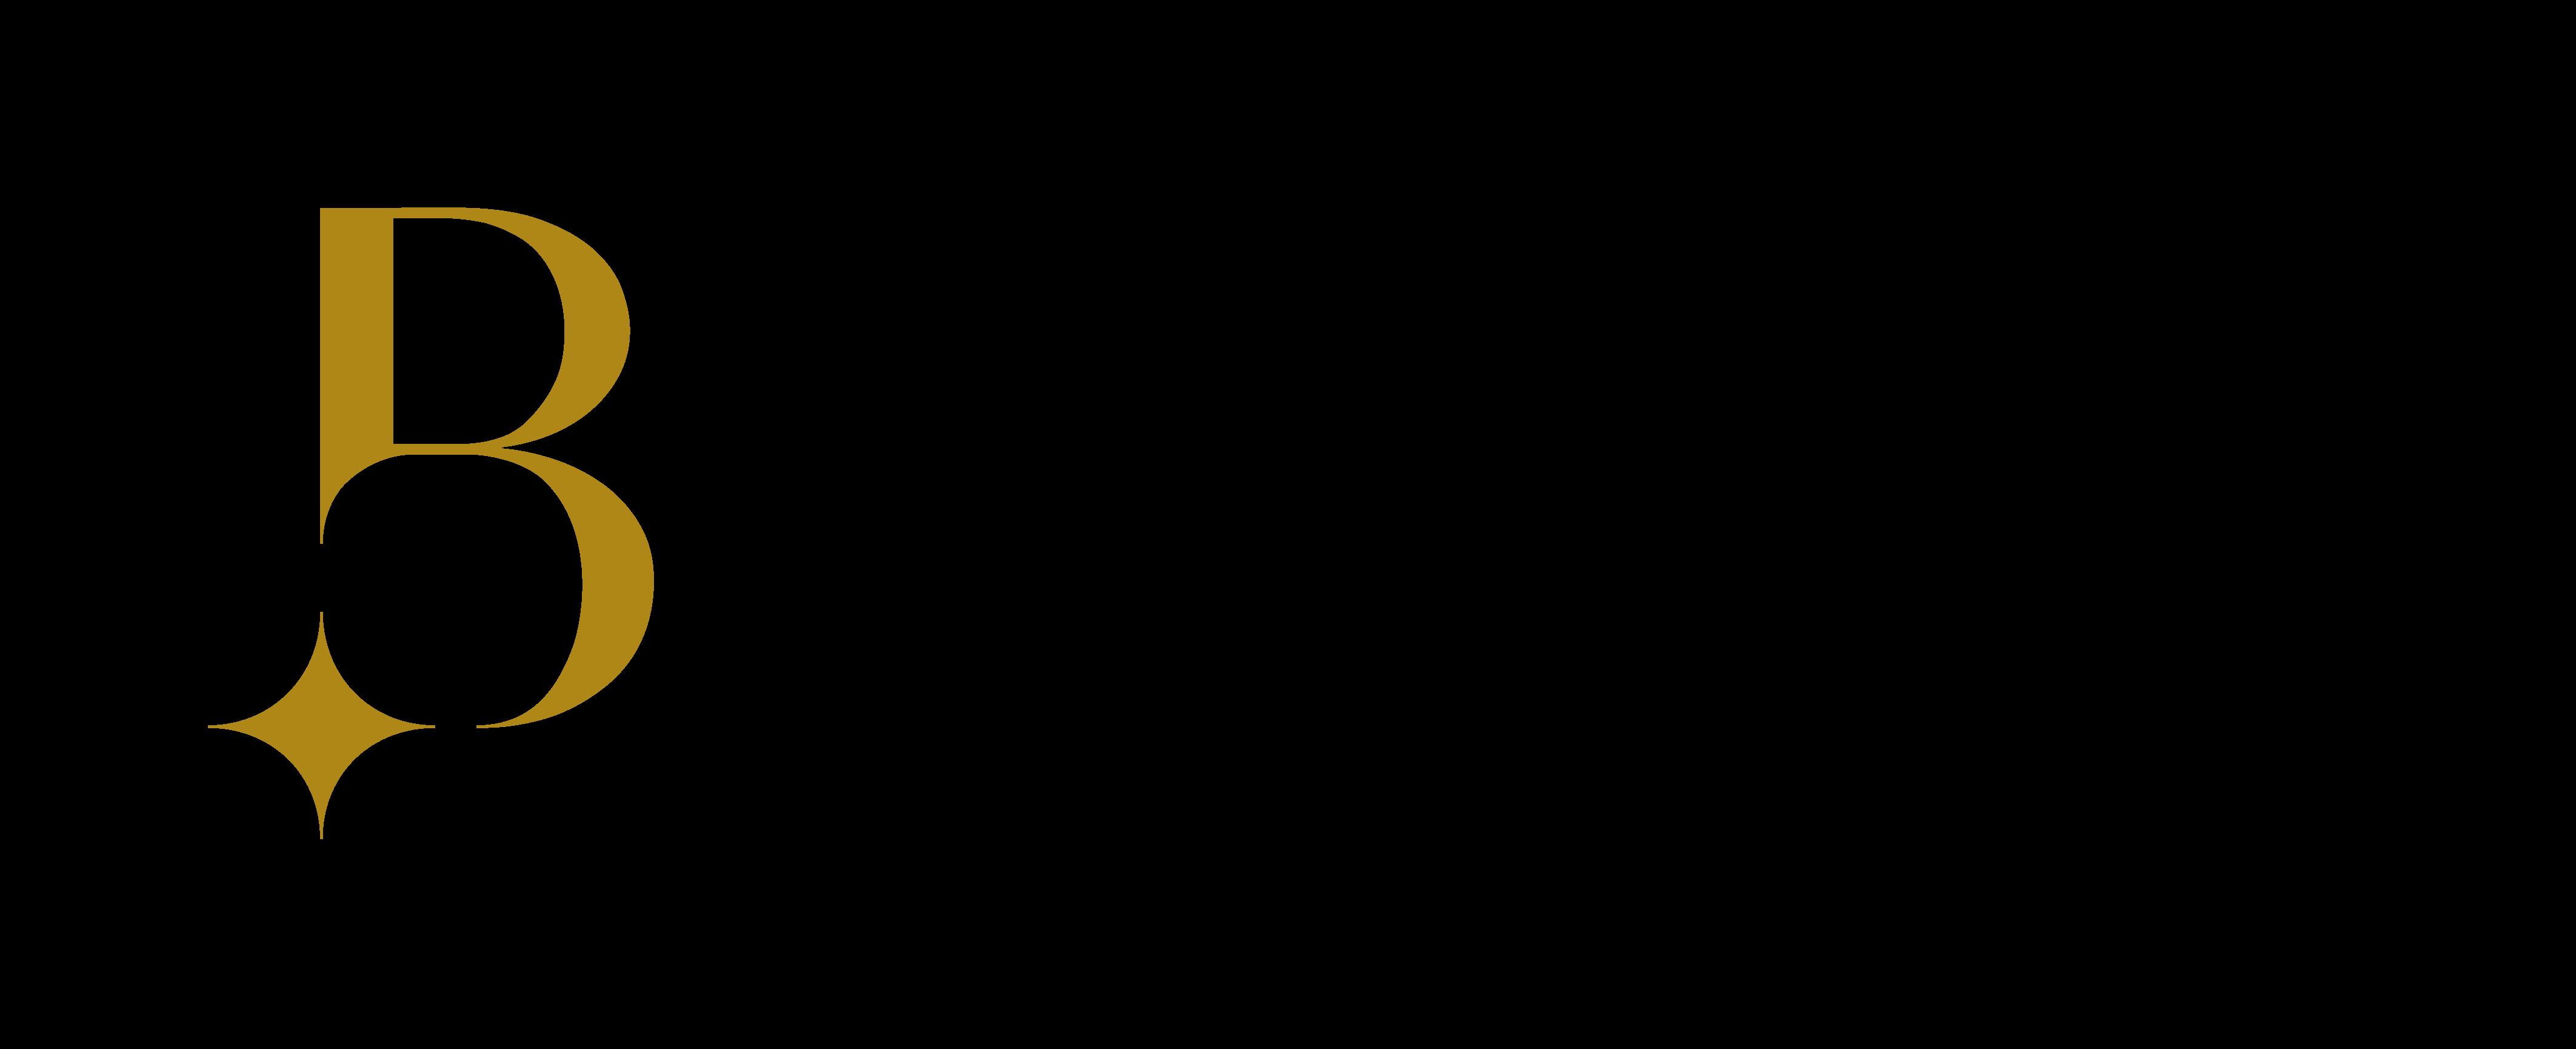 Fondation Casino Barrière Montreux 2017